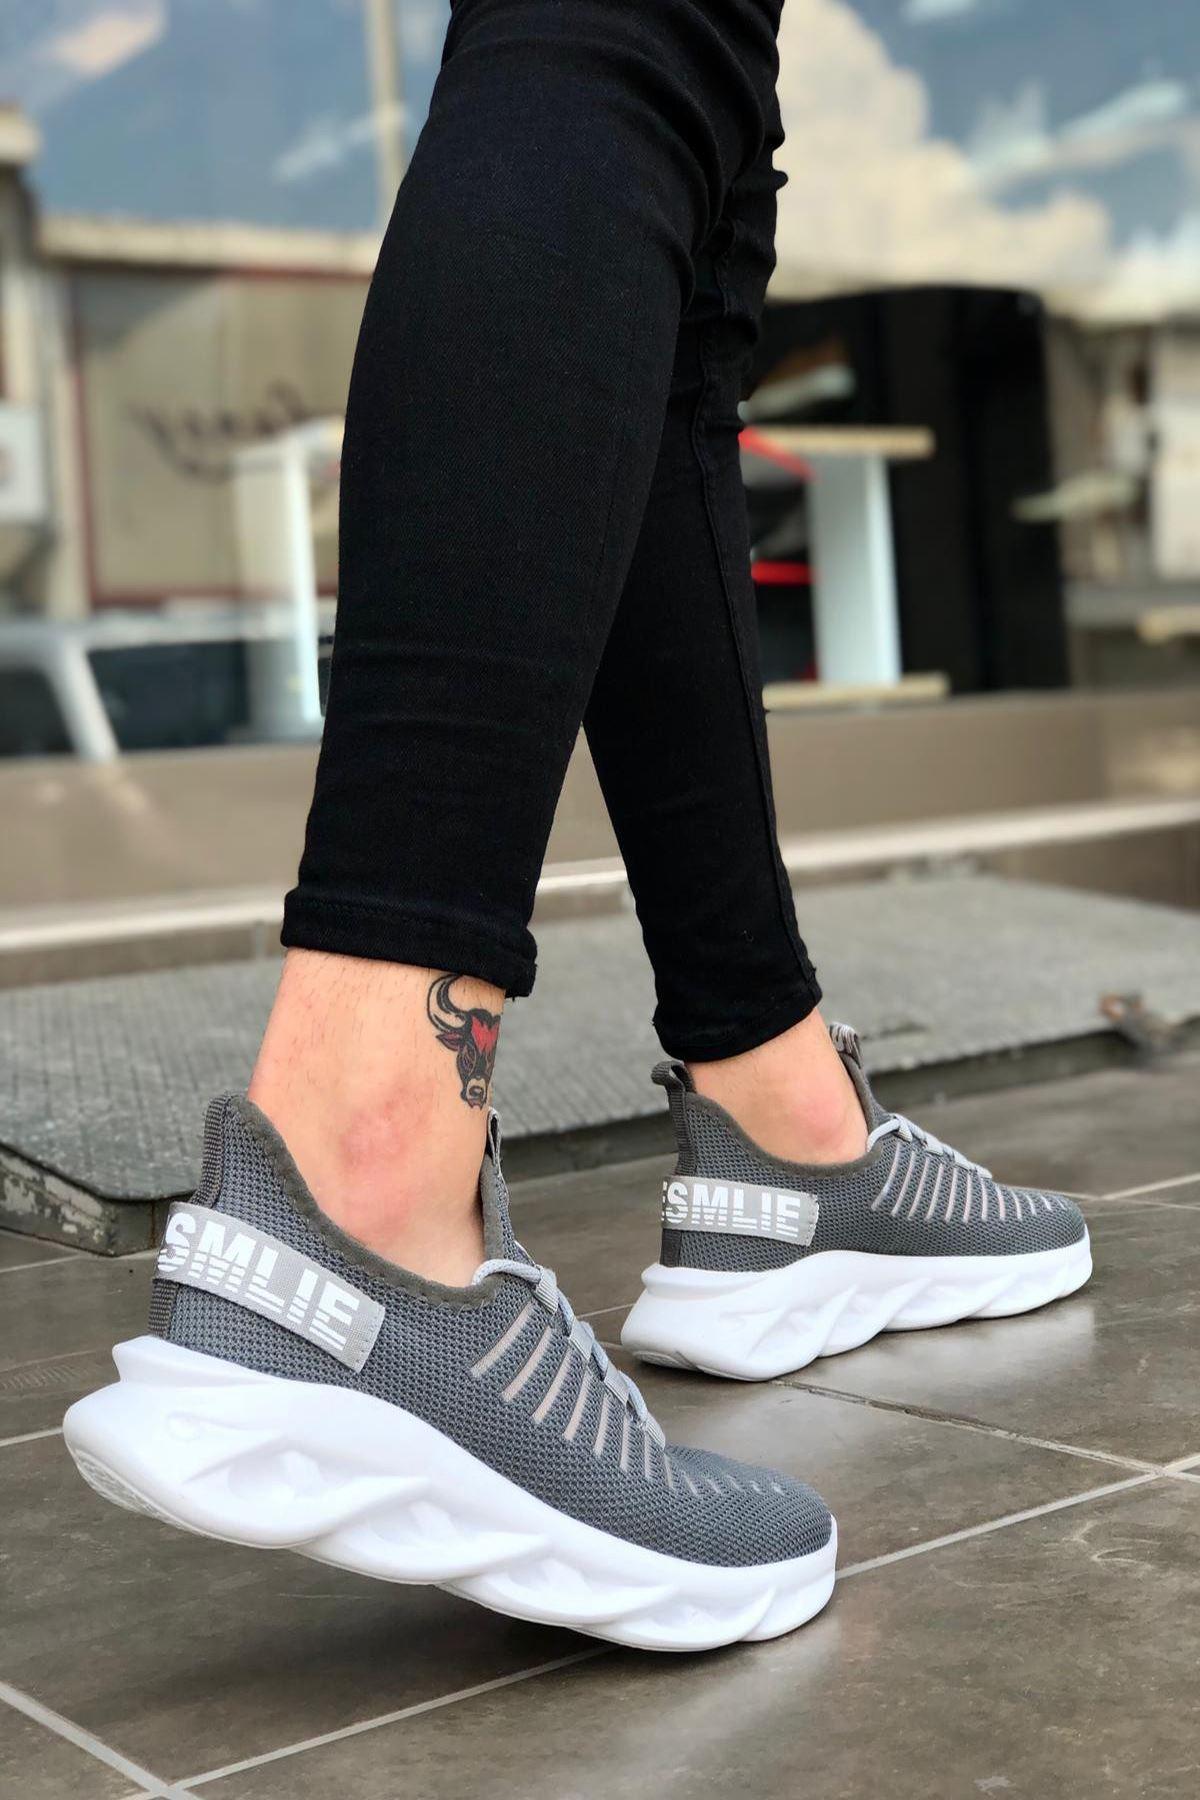 B602 Gri BT Bağcıklı Erkek Sneakers